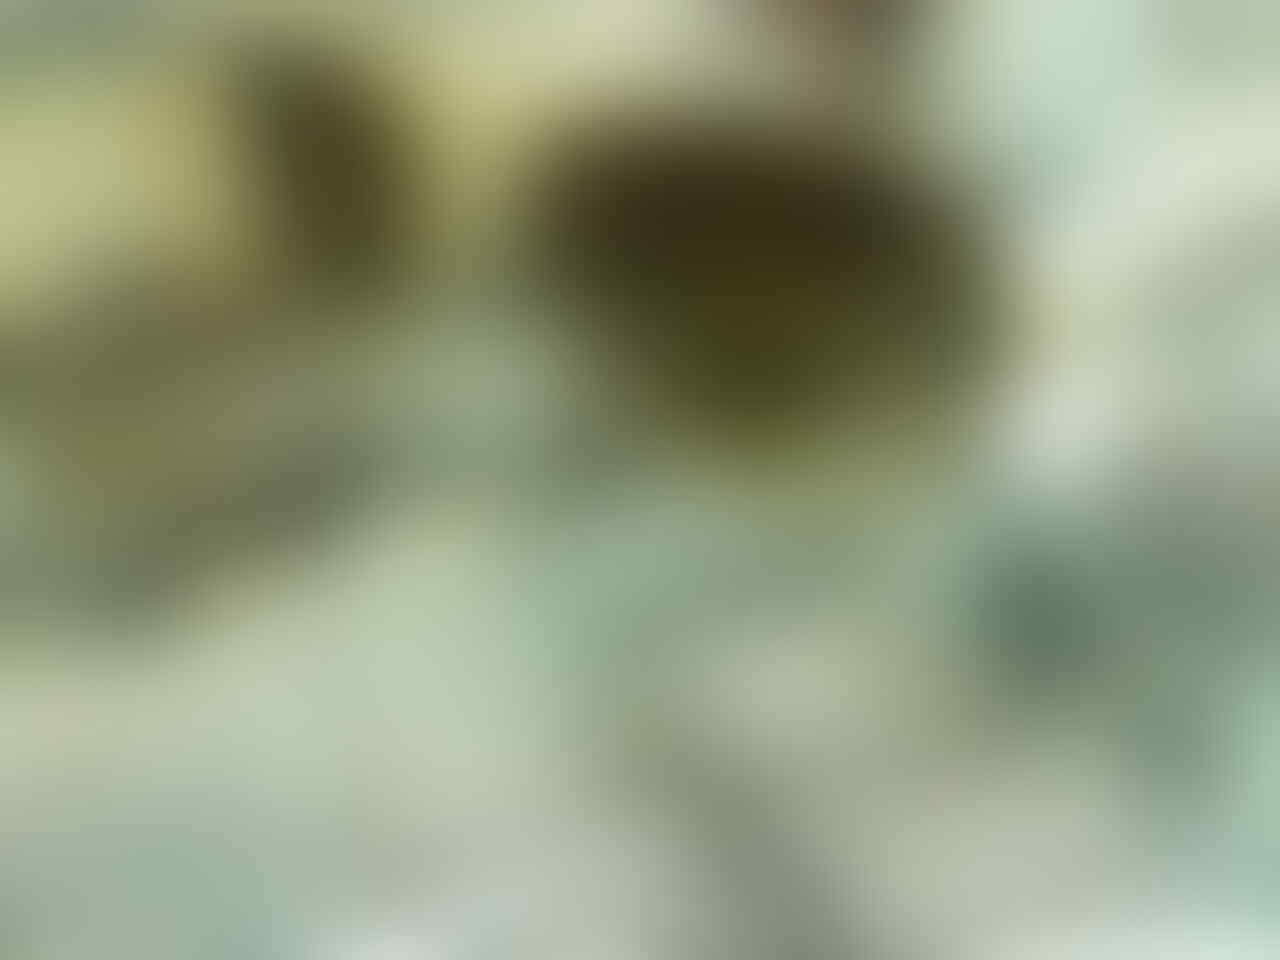 d450ff56b2c45 italy jual rayban wayfarer kw super kaskus 85a30 e3cde